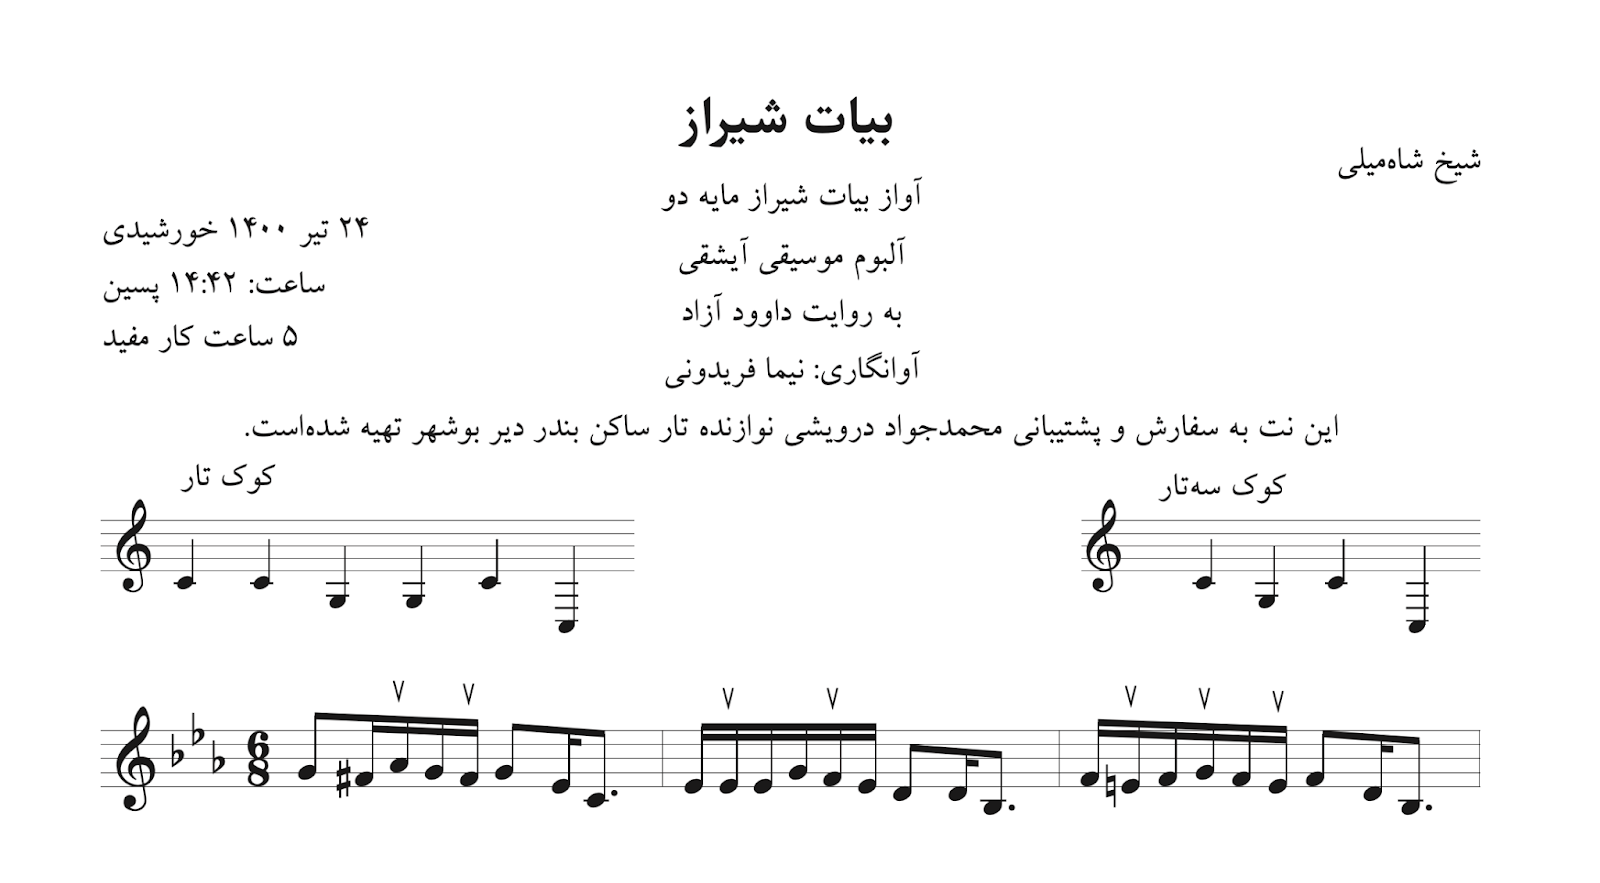 نت بیات شیراز دو شیخ شاهمیلی آوانگاری نیما فریدونی